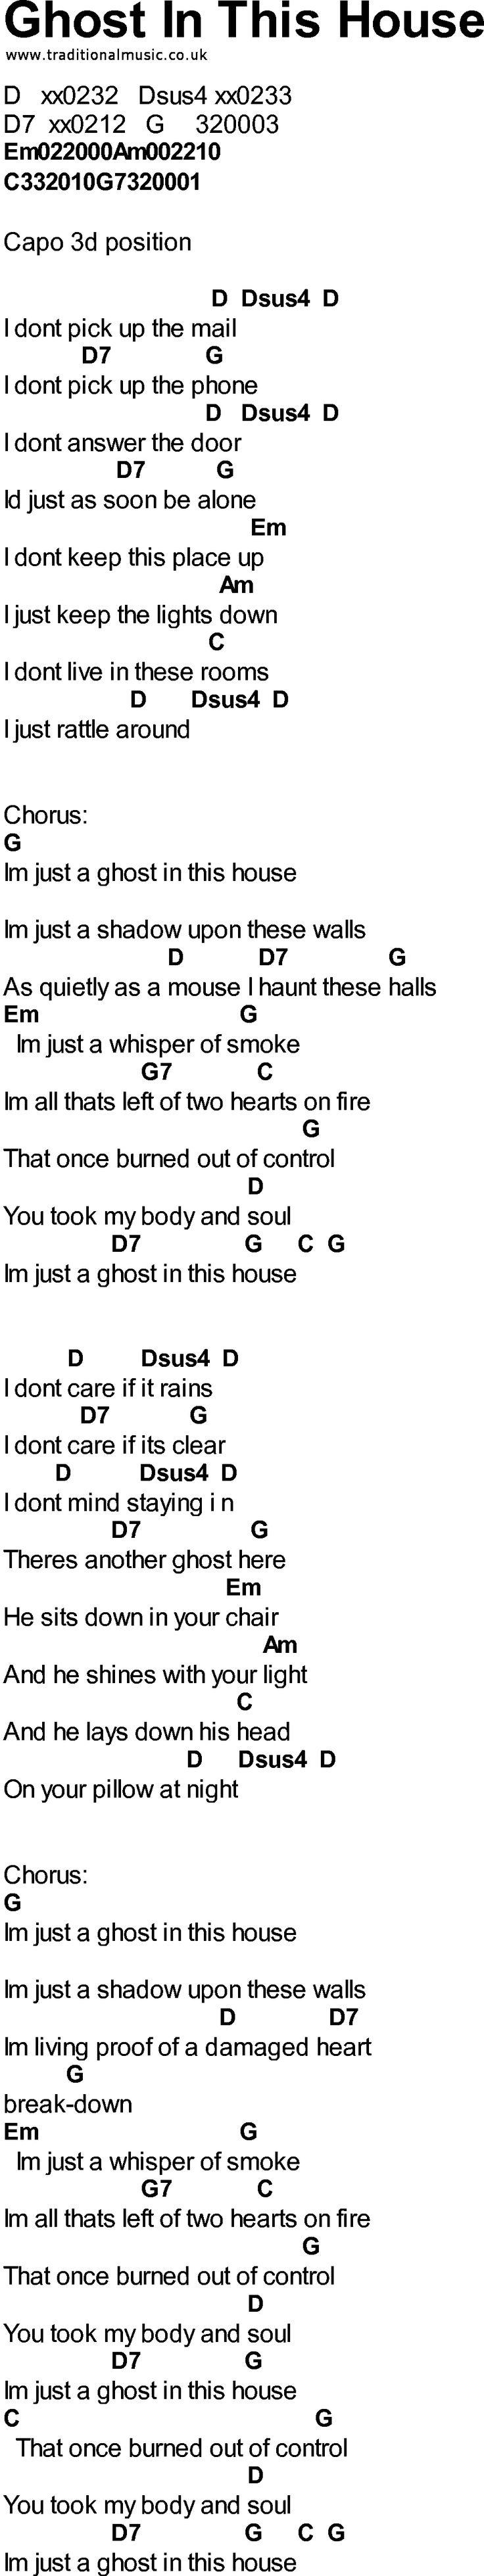 Lyrics containing the term: kentucky bluegrass